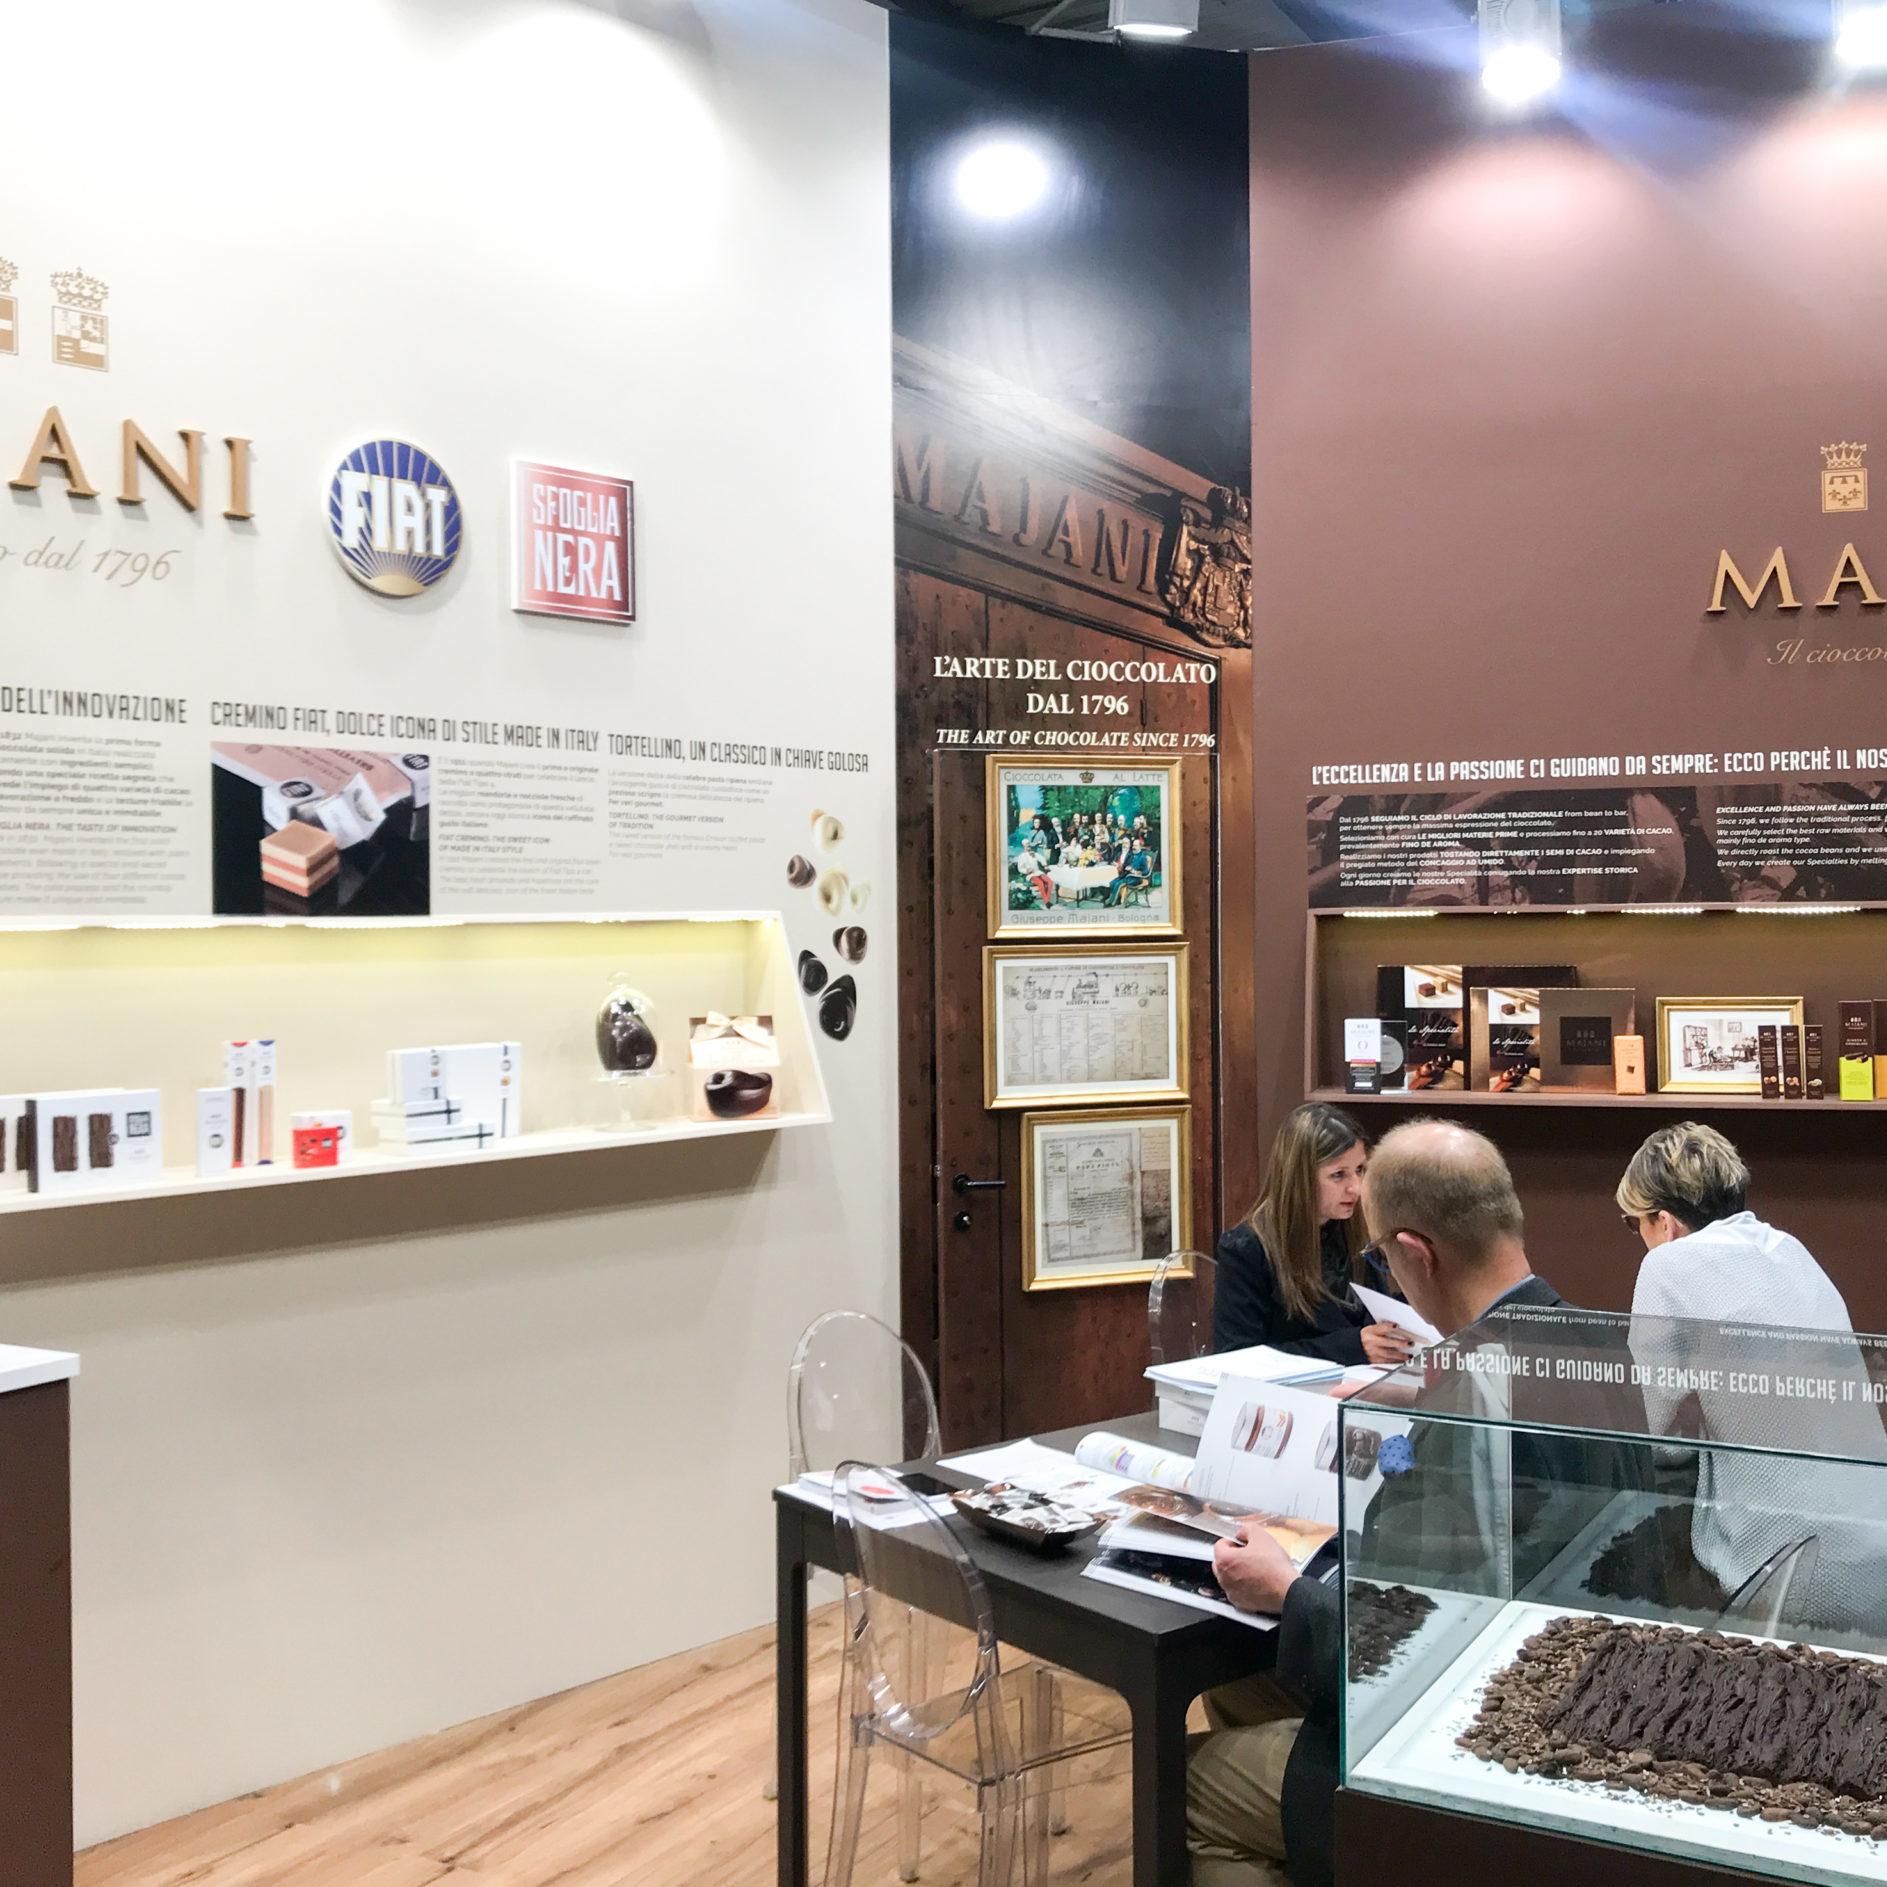 TUTTOFOOD 2019 - Majani cioccolato, saporite blogger